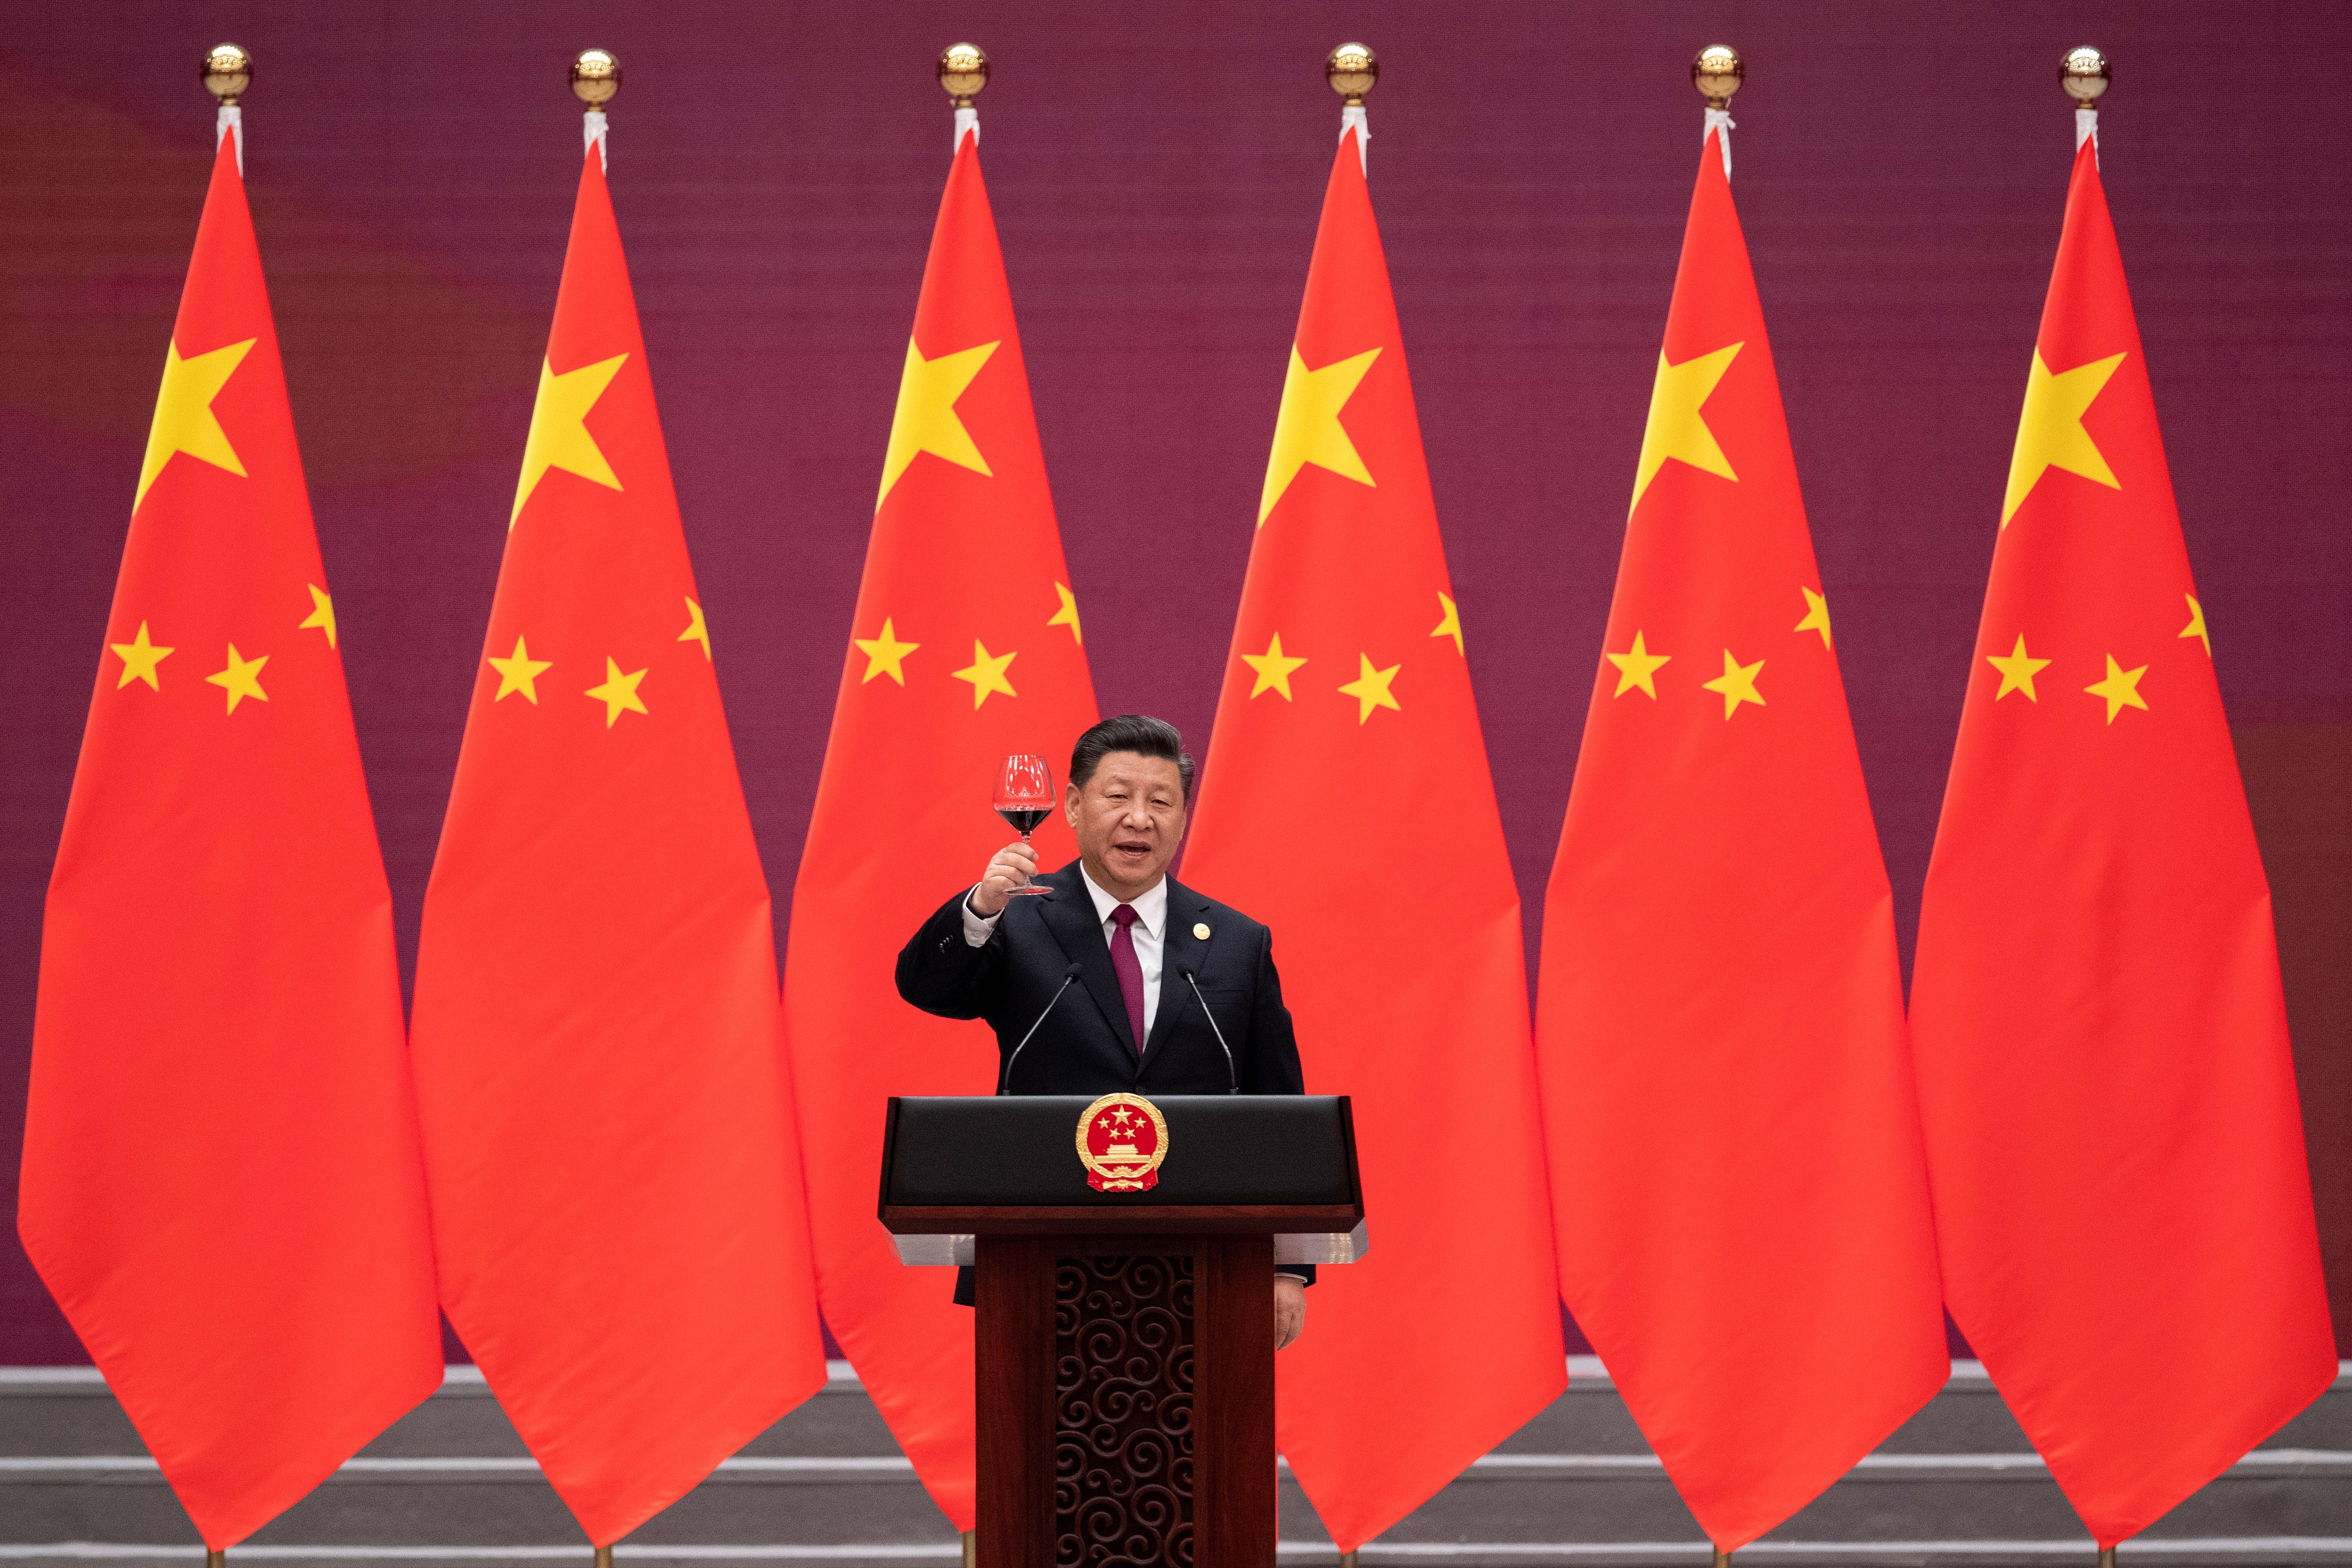 Preşedintele Xi Jinping: China va susţine întotdeauna pacea mondială